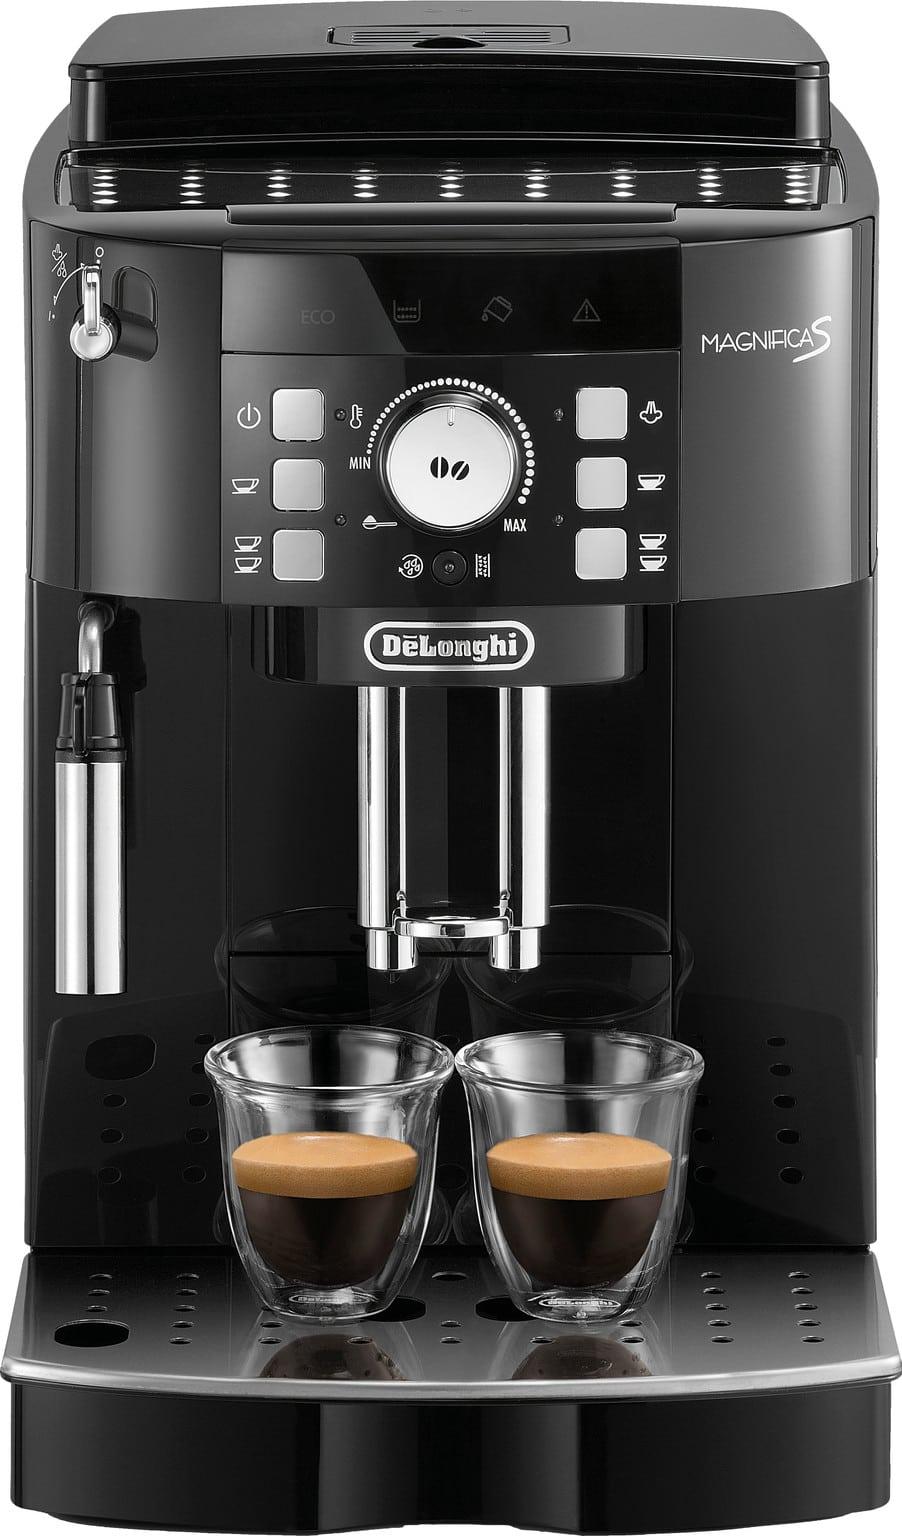 De'longhi Magnifica S Ecam 21.117.b Met Kopjes Koffie